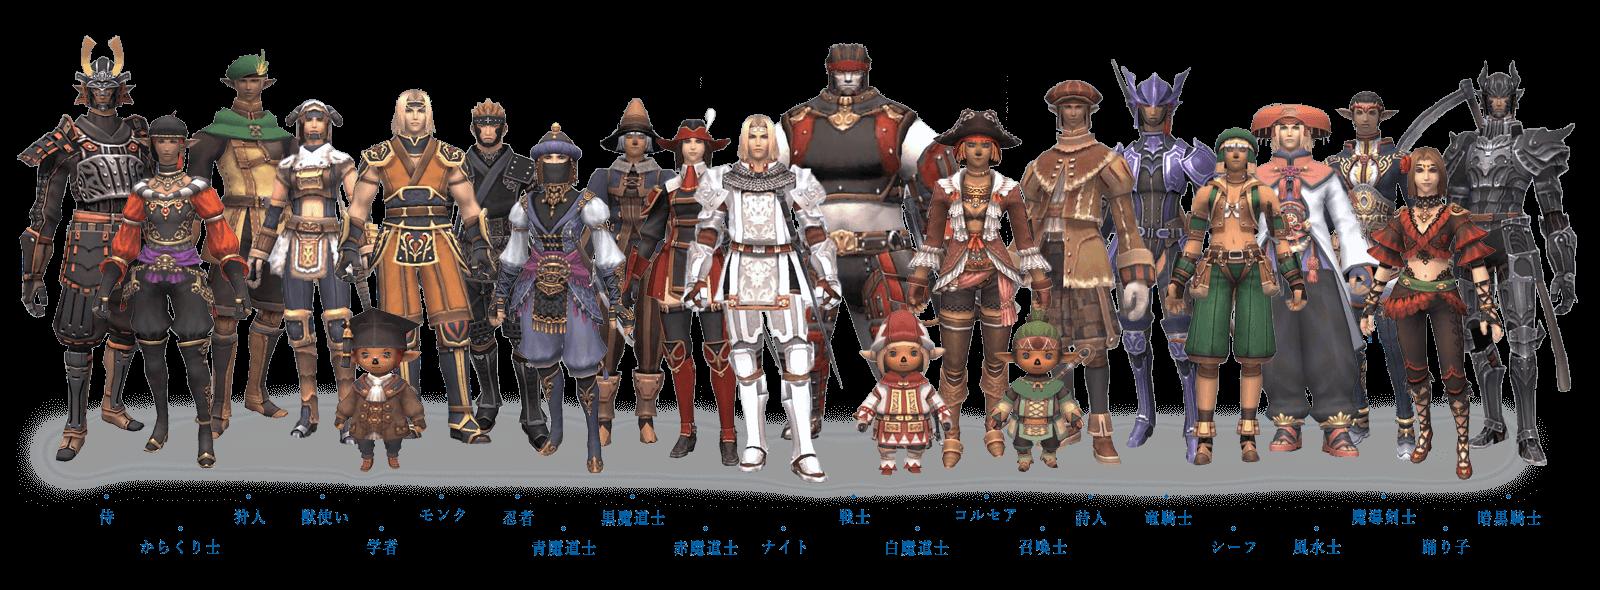 ファイナルファンタジーxi公式プロモーションサイト Square Enix